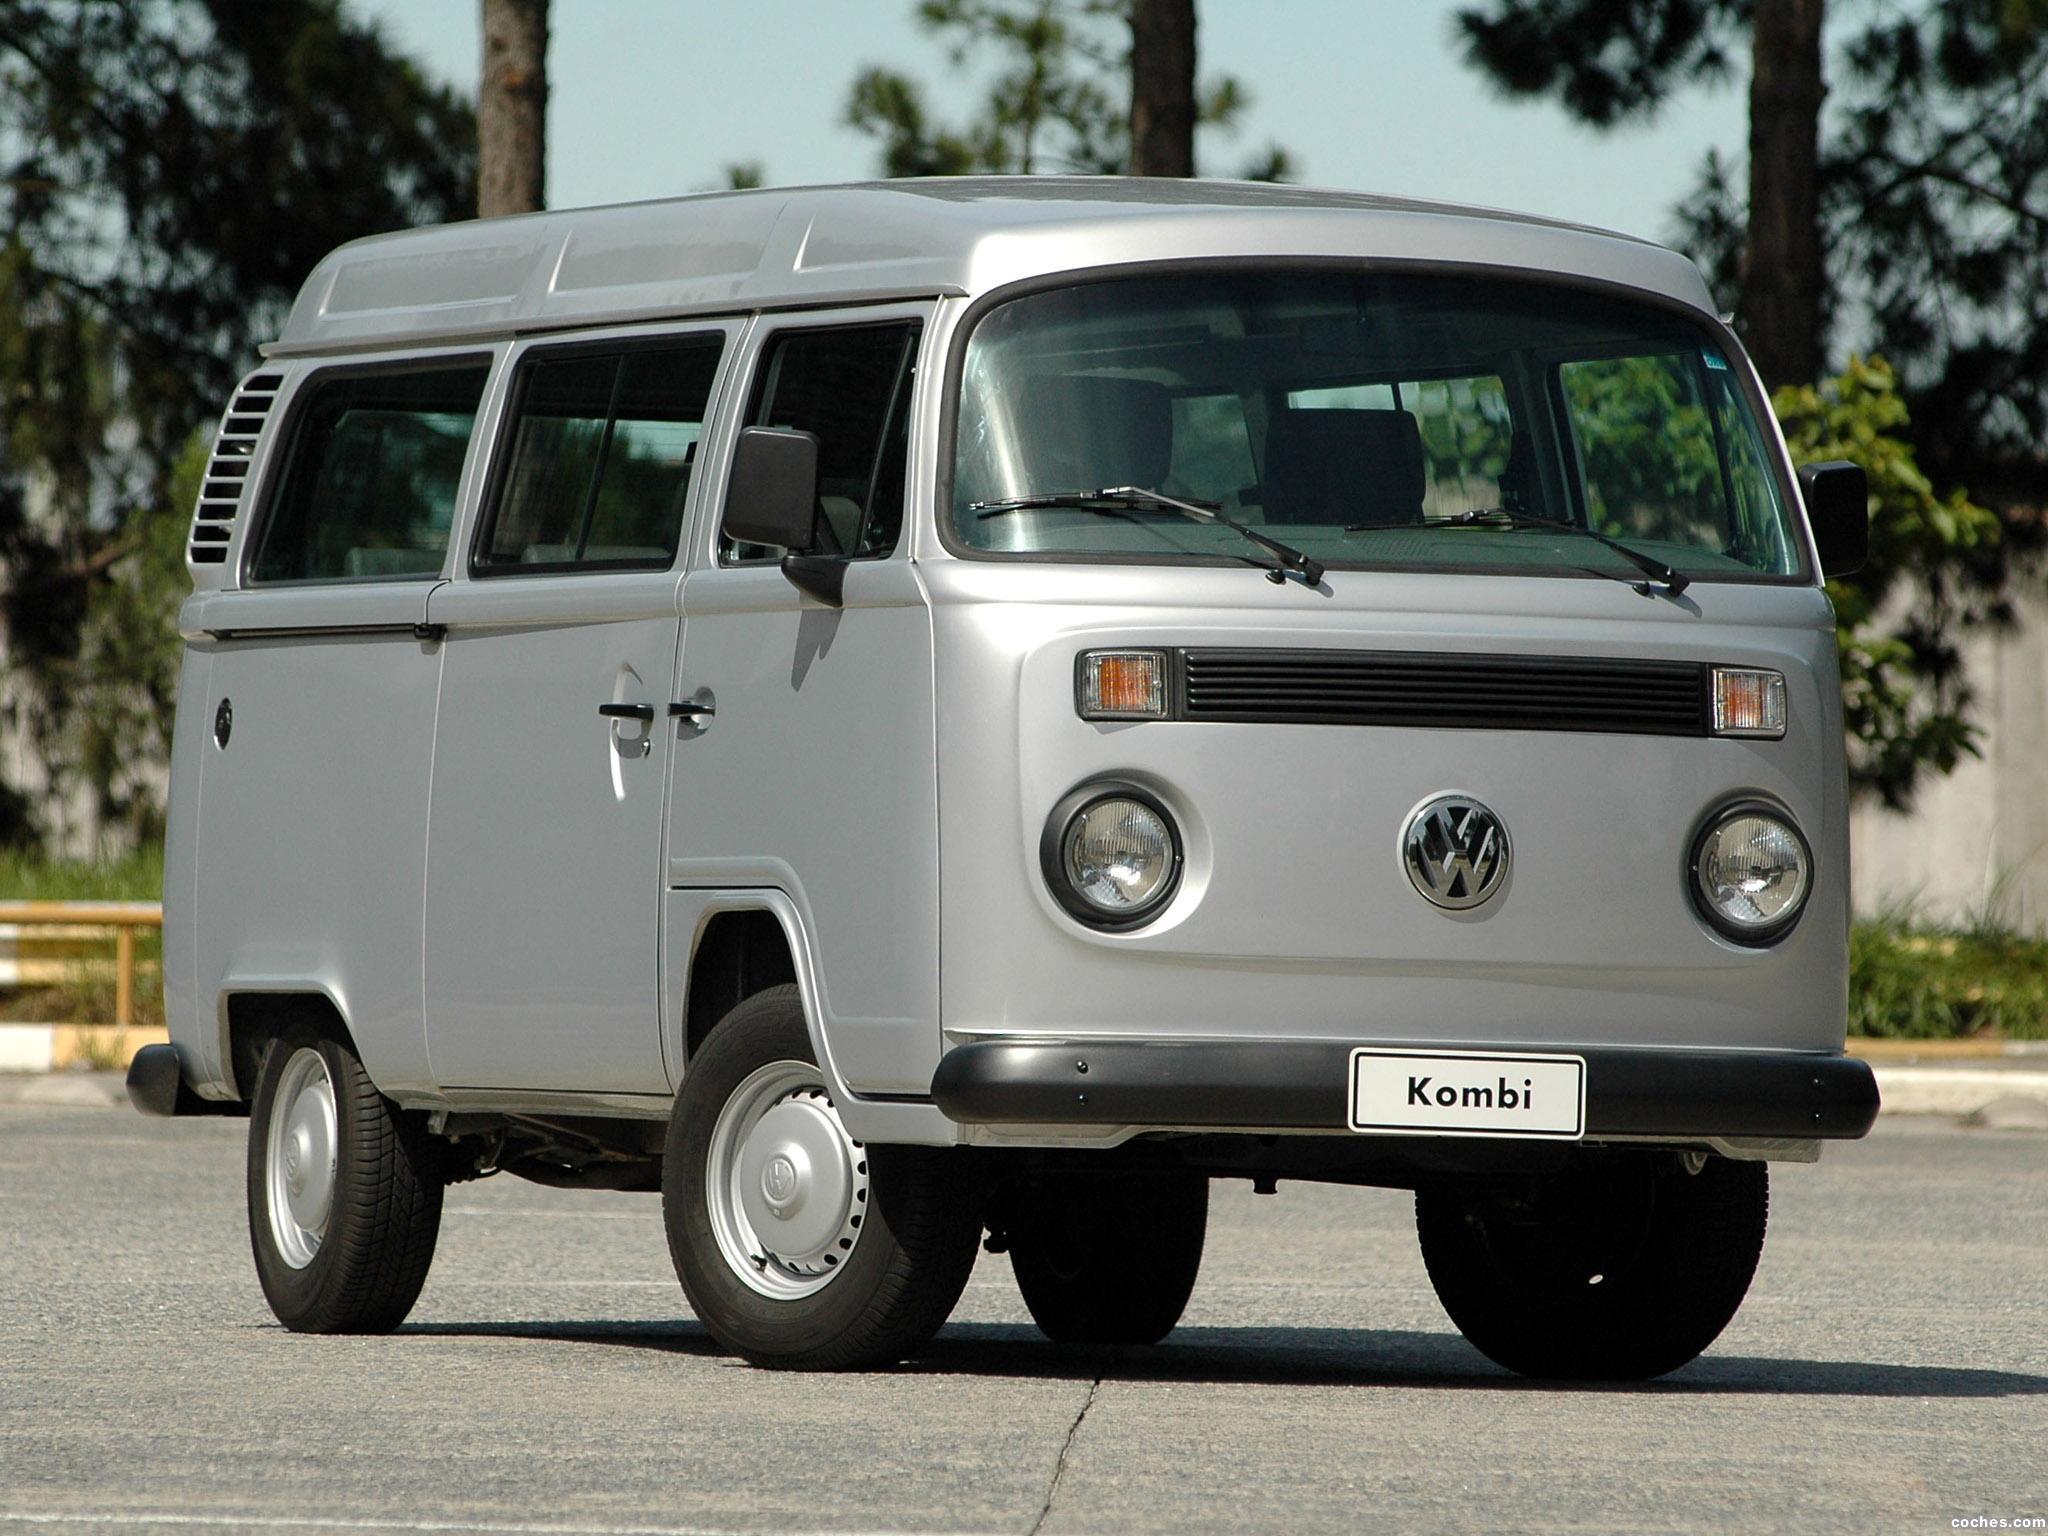 volkswagen kombi serie prata 2005 r4 Volkswagen Transporte T2 Kombi